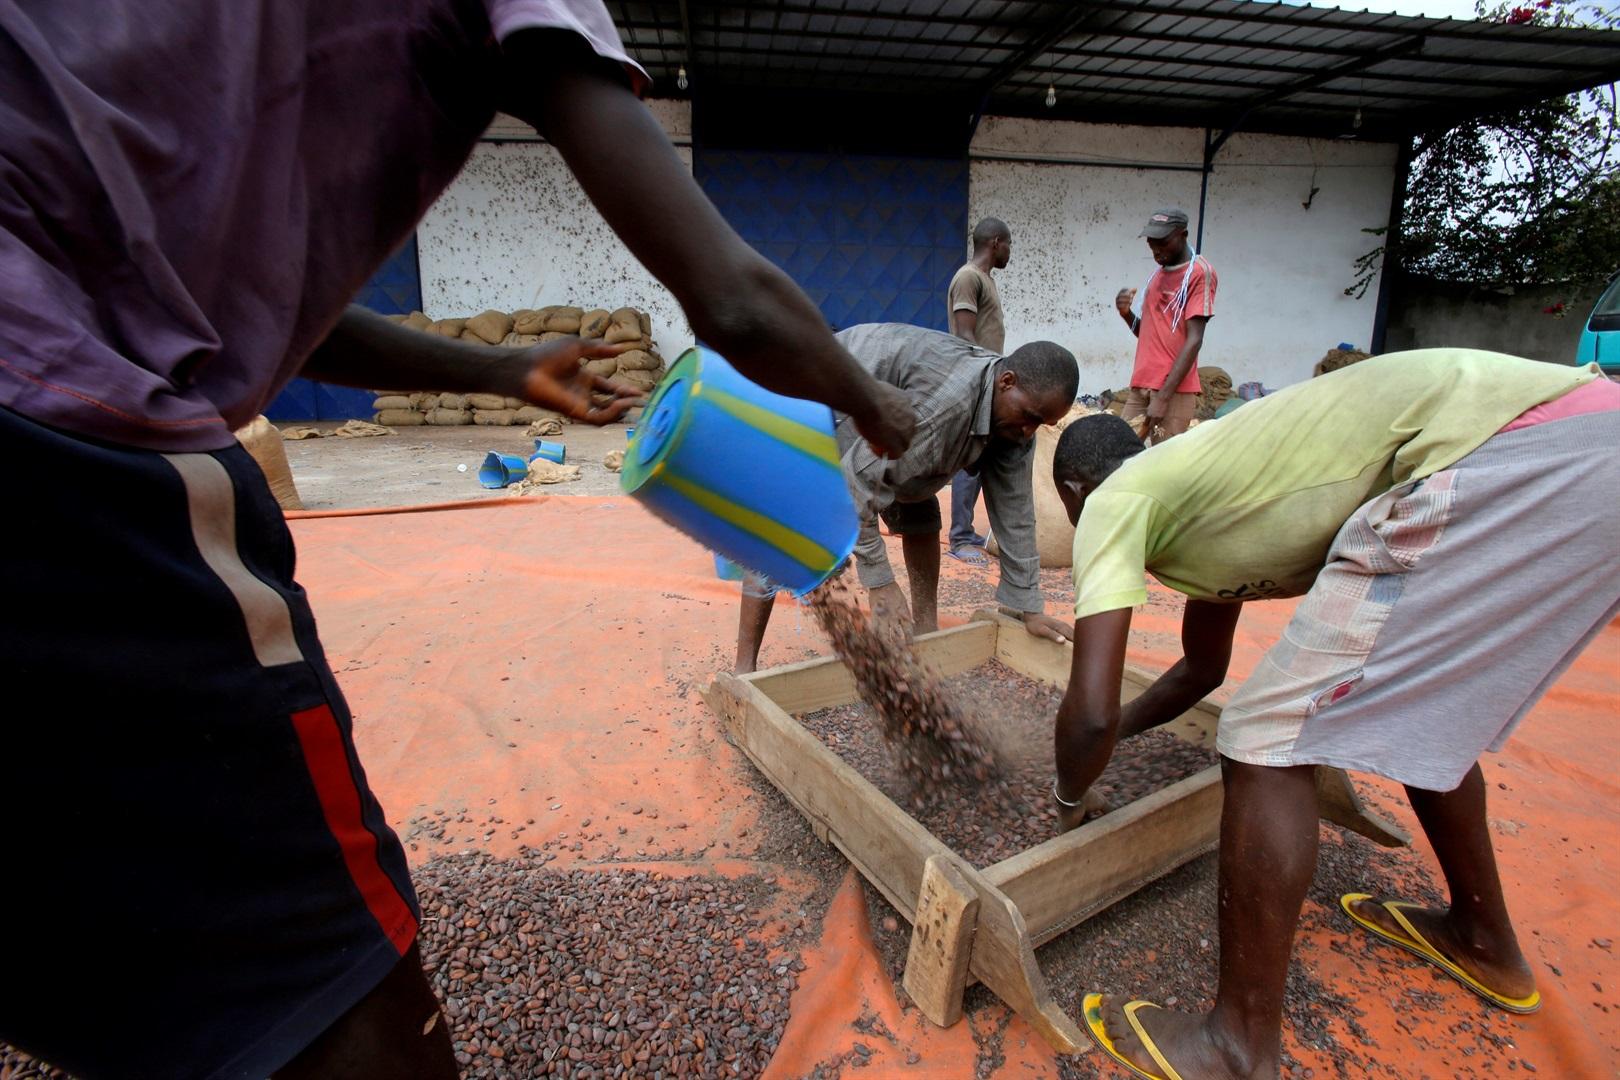 1.5 milion fëmijë punojnë në industrinë e çokollatës